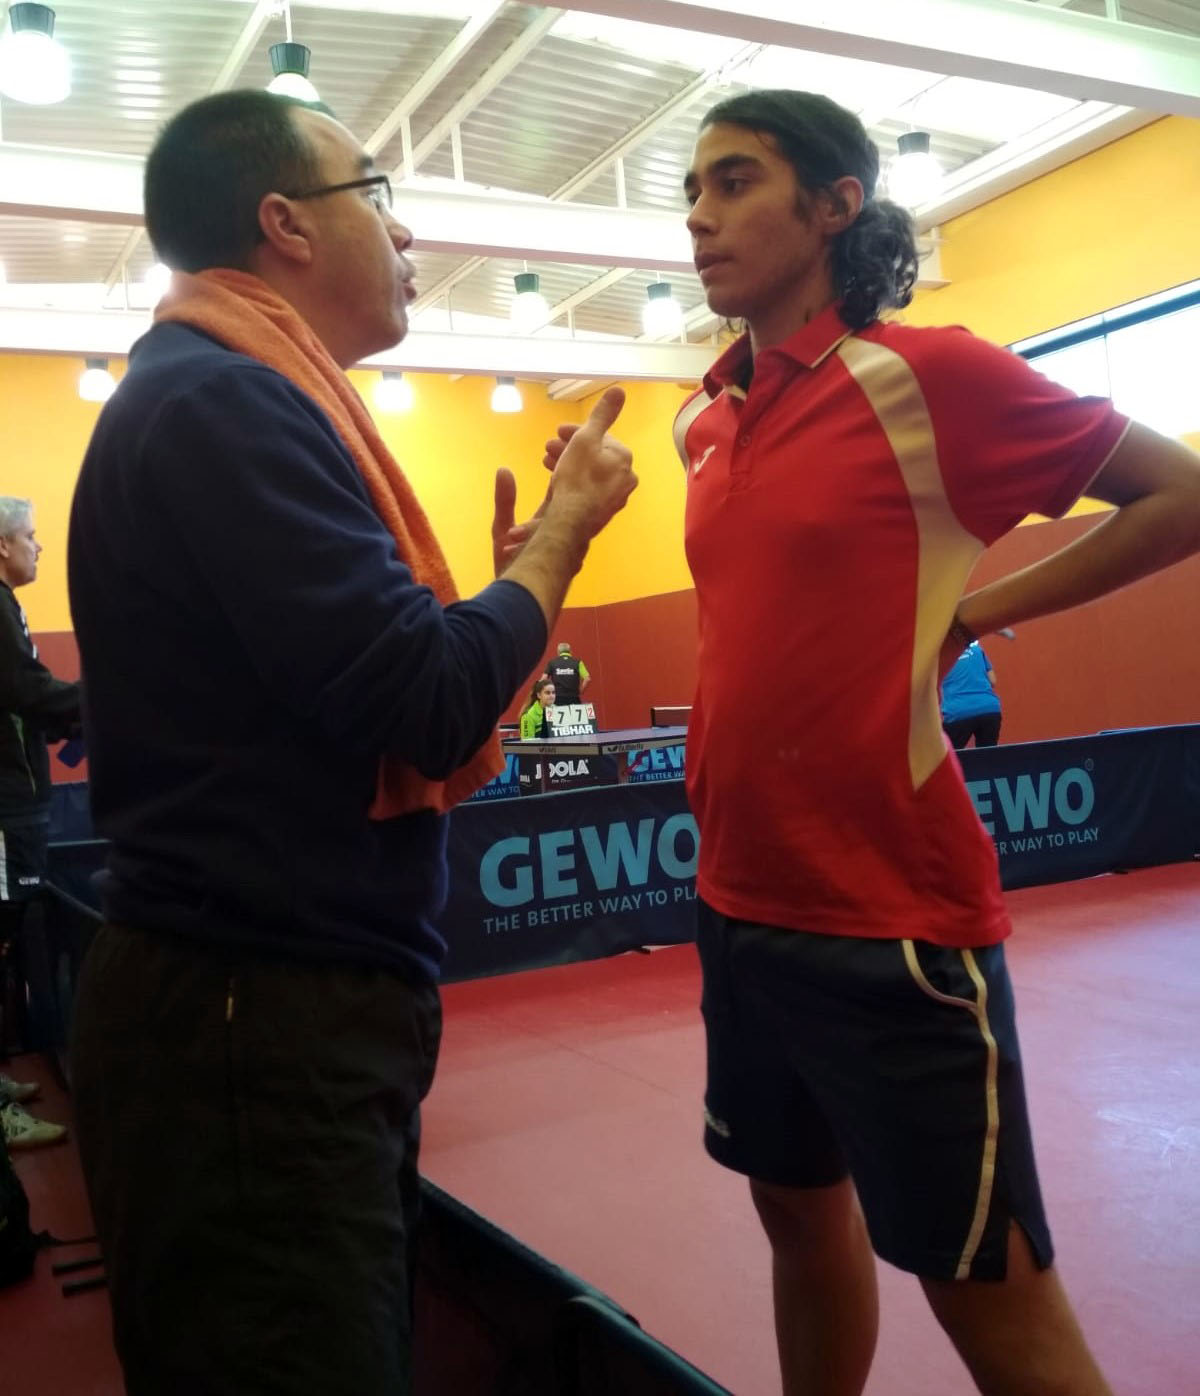 Manolo aleccionando a Alberto durante el partido